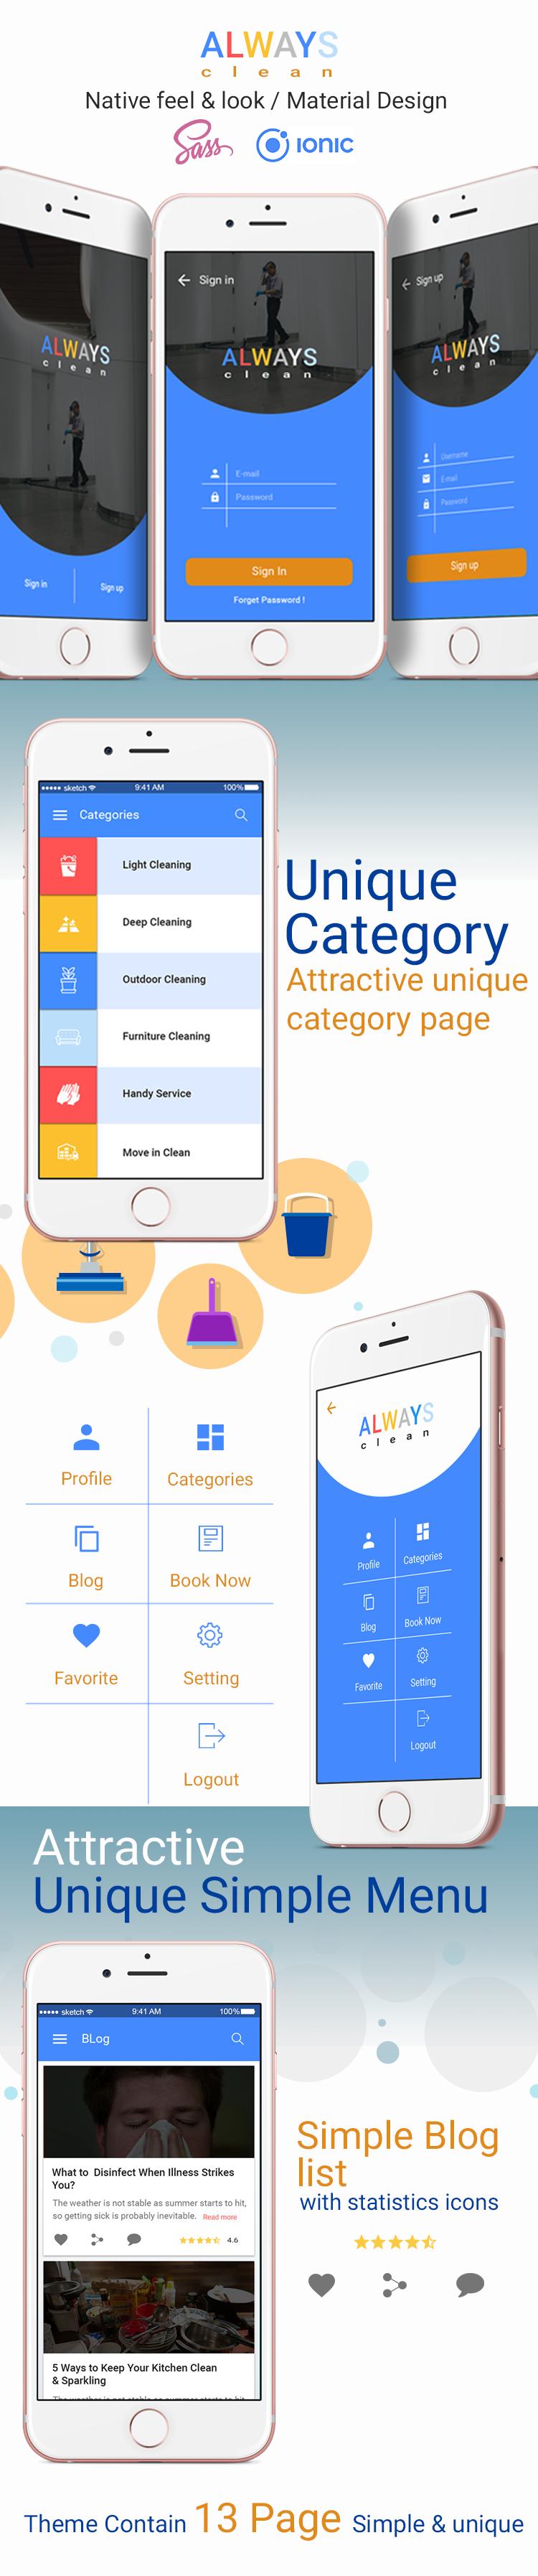 Always Clean-ionic app theme